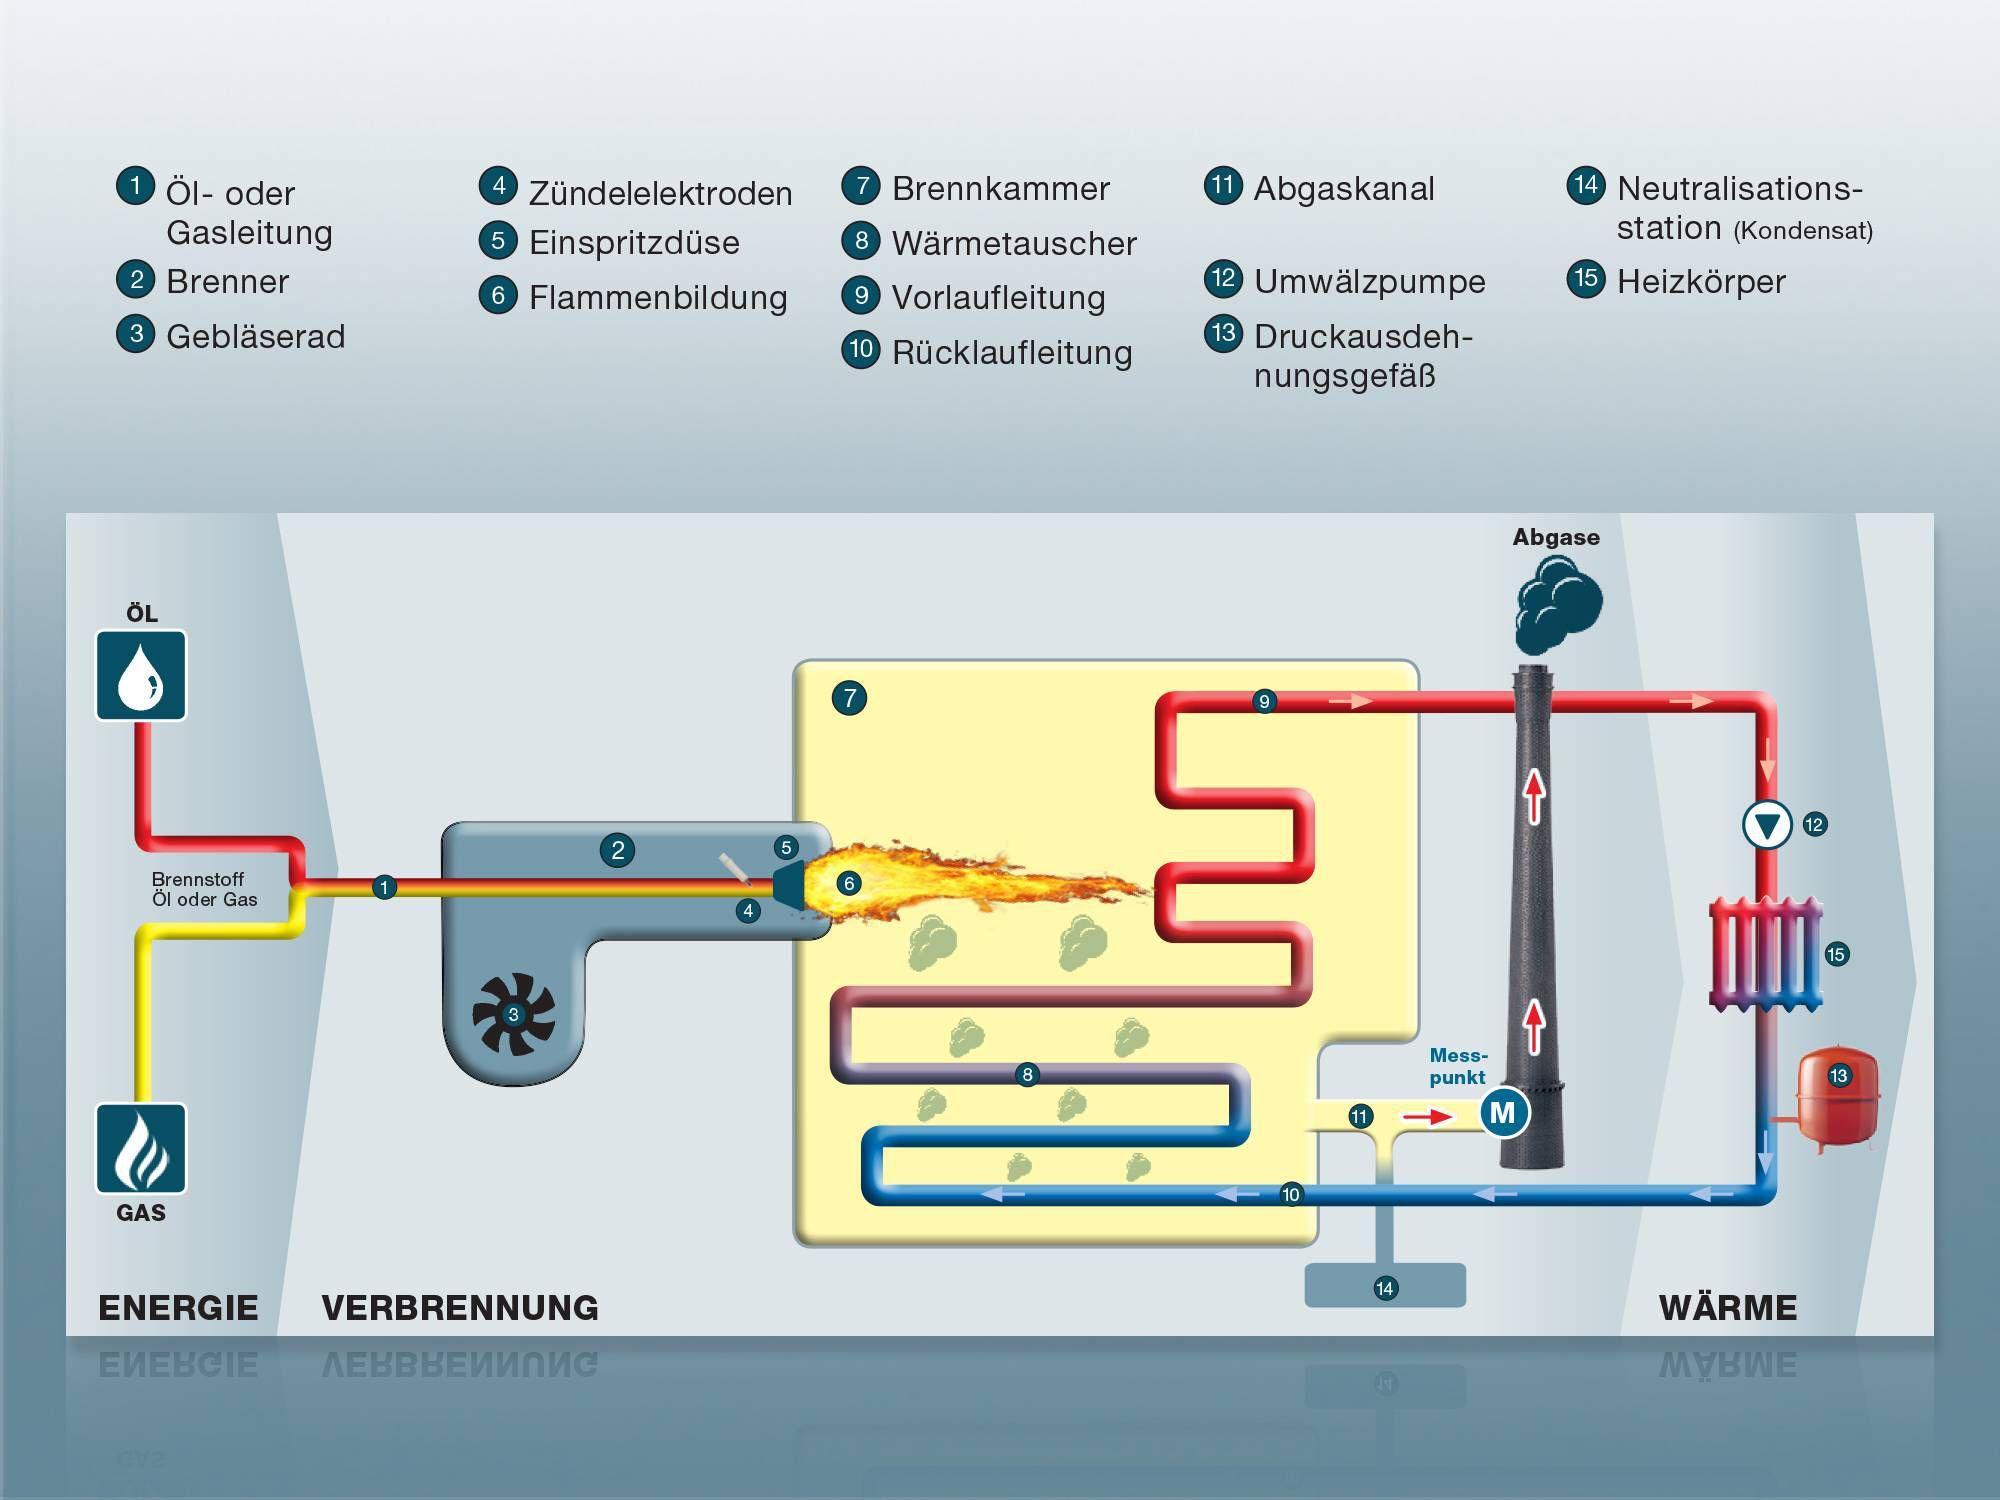 Verbrennungsprozess in Kesselanlage